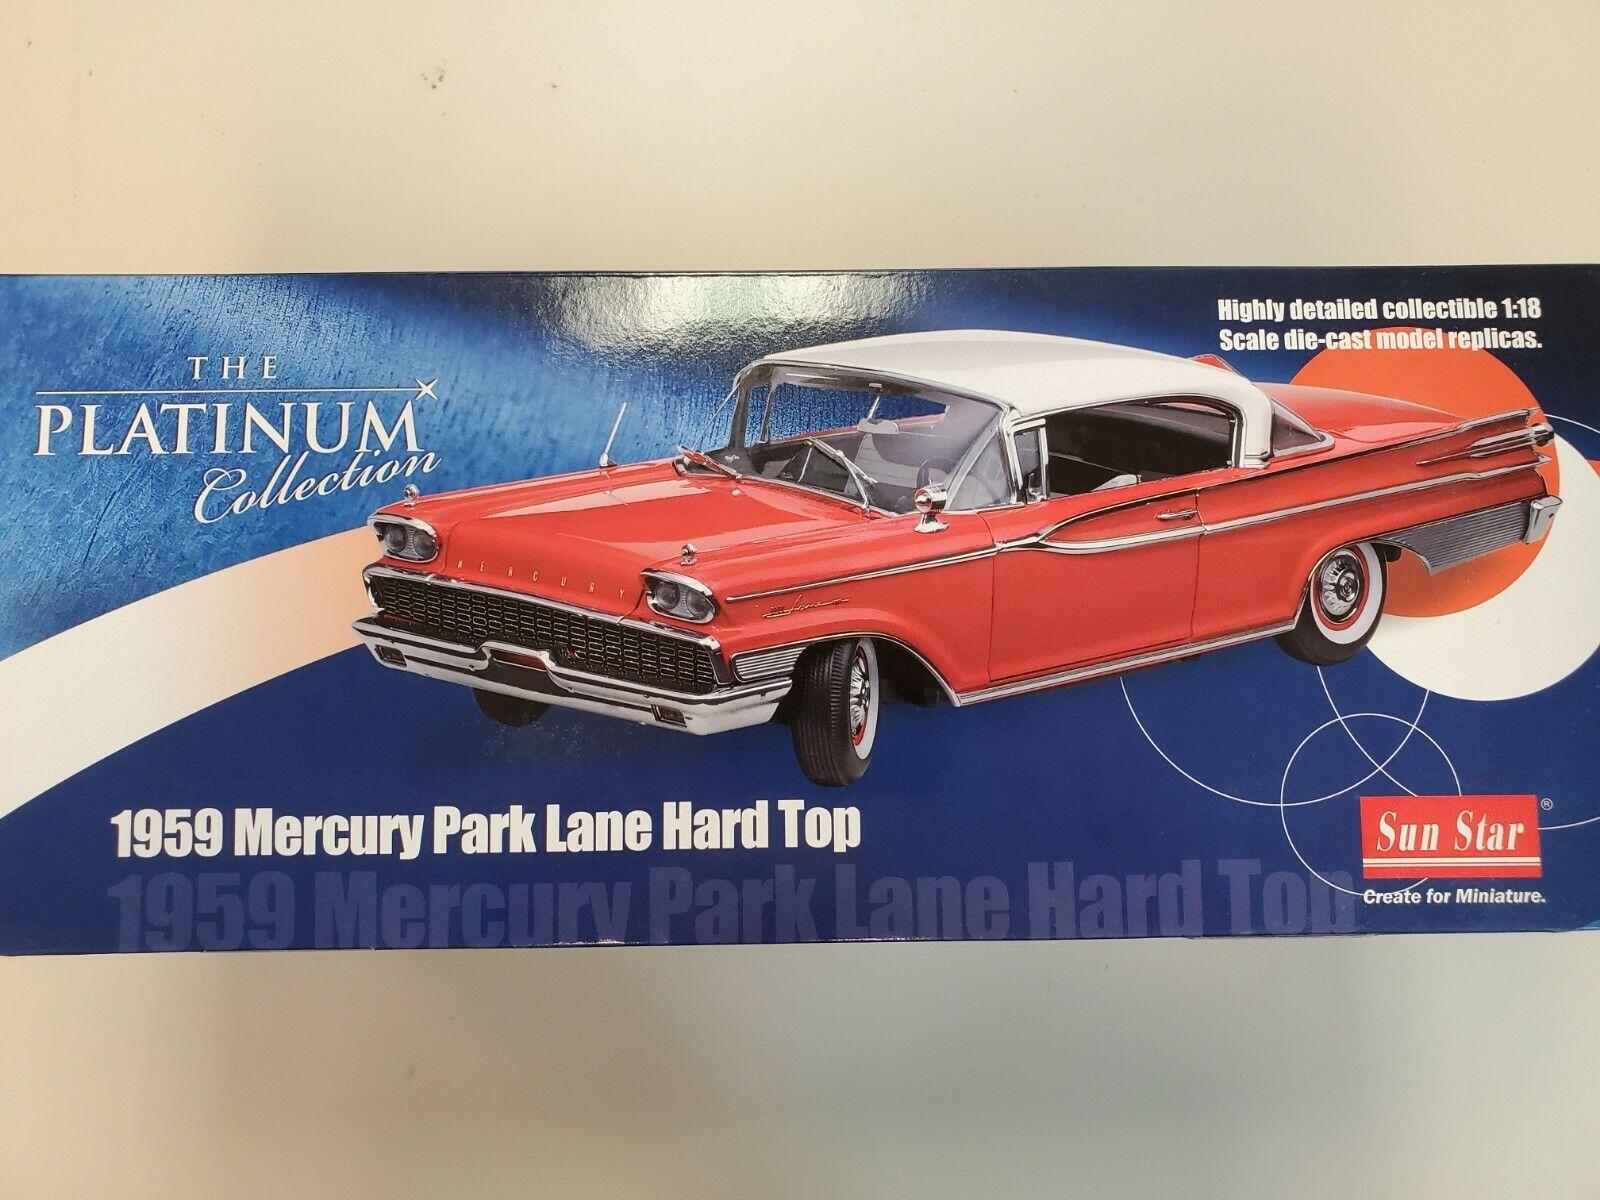 Seleccione de las marcas más nuevas como 1959 Mercury Parque Lane Lane Lane Duro Top de la colección de platino  de moda